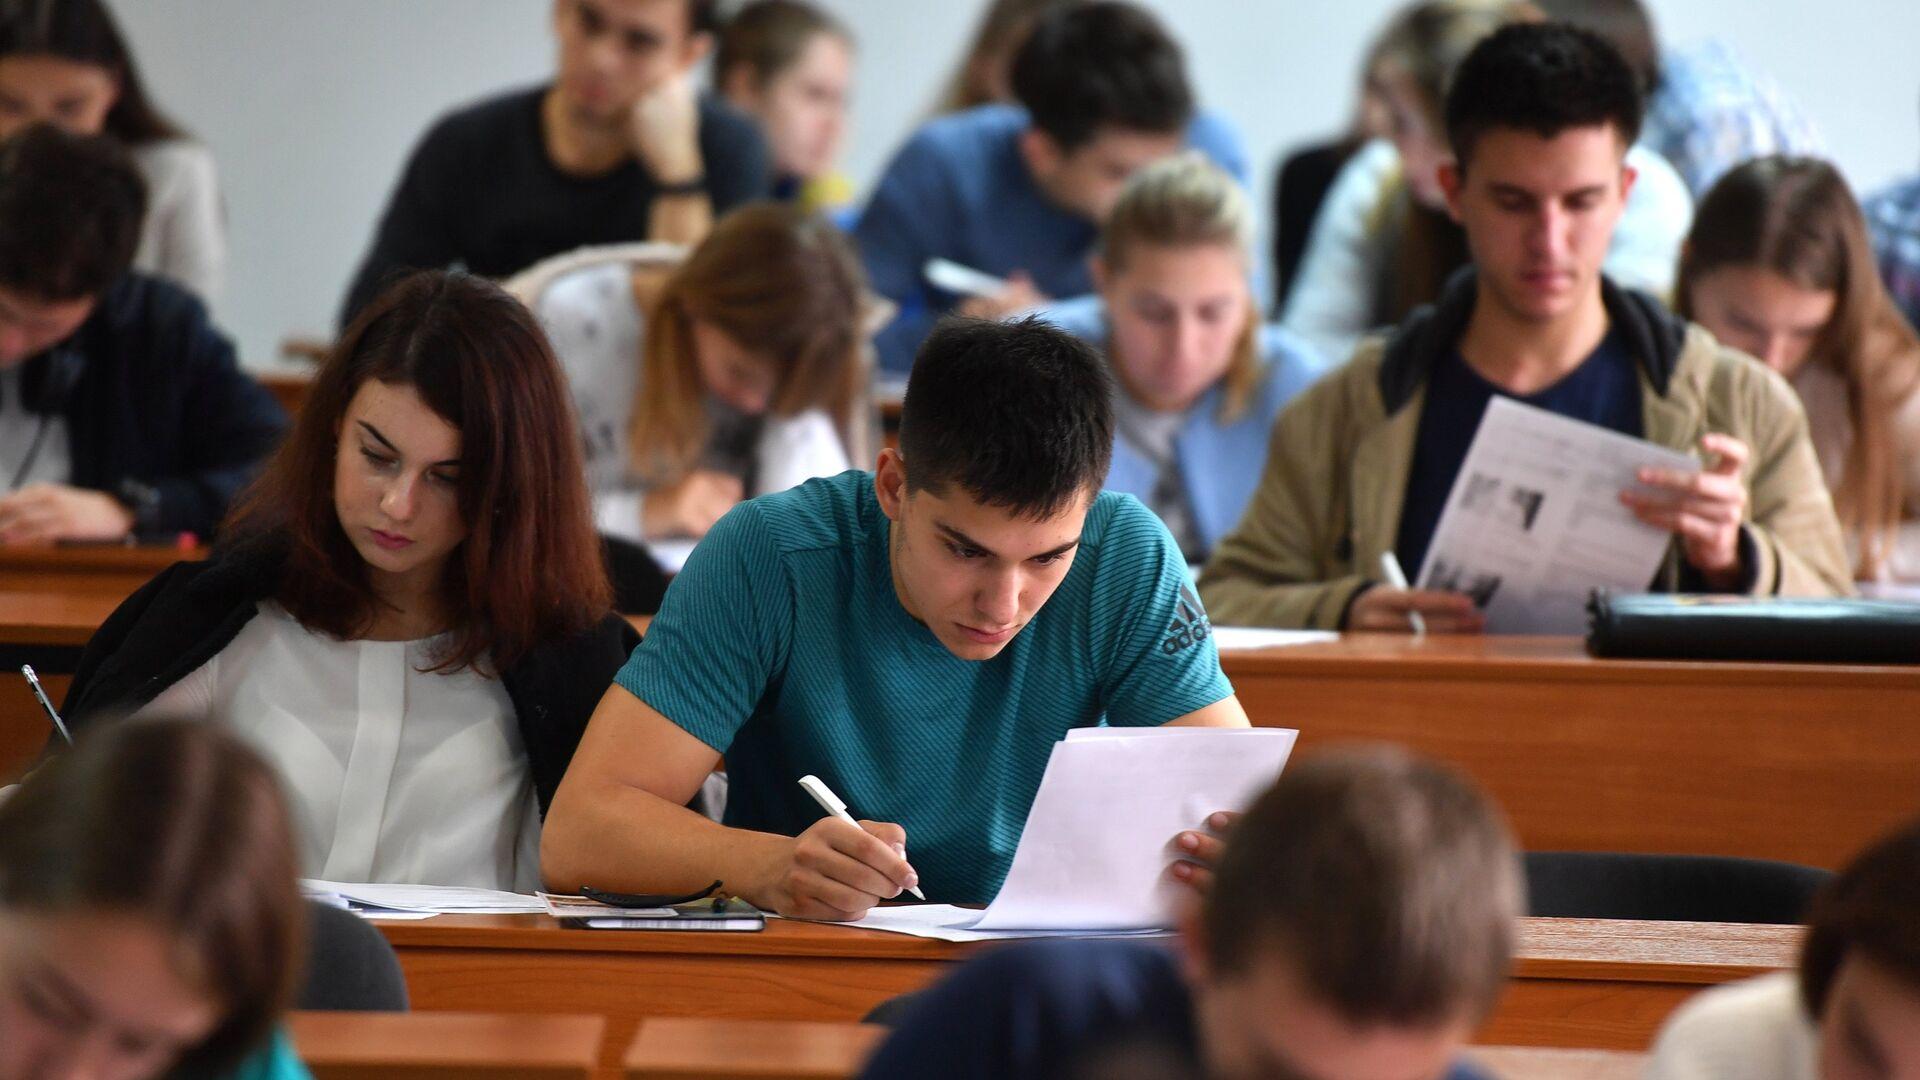 Студенты на лекции - РИА Новости, 1920, 12.11.2020